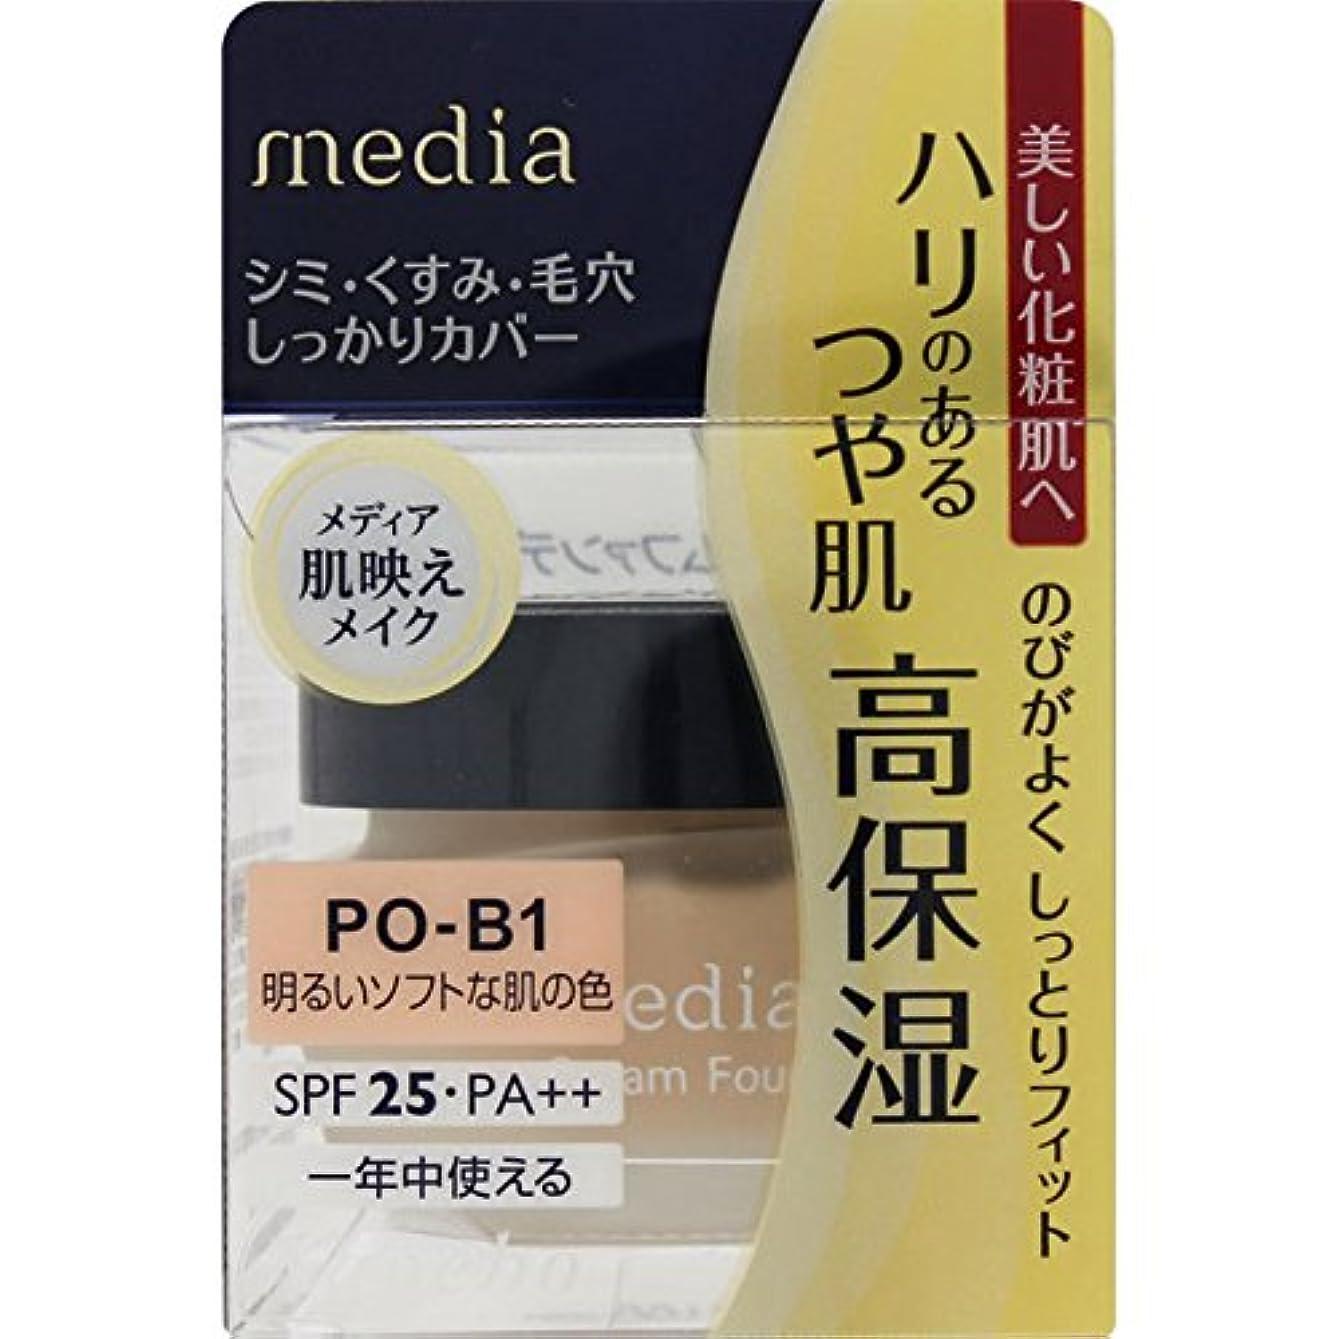 日帰り旅行に札入れ顕微鏡カネボウ化粧品 メディア クリームファンデーション 明るいソフトな肌の色 POーB1